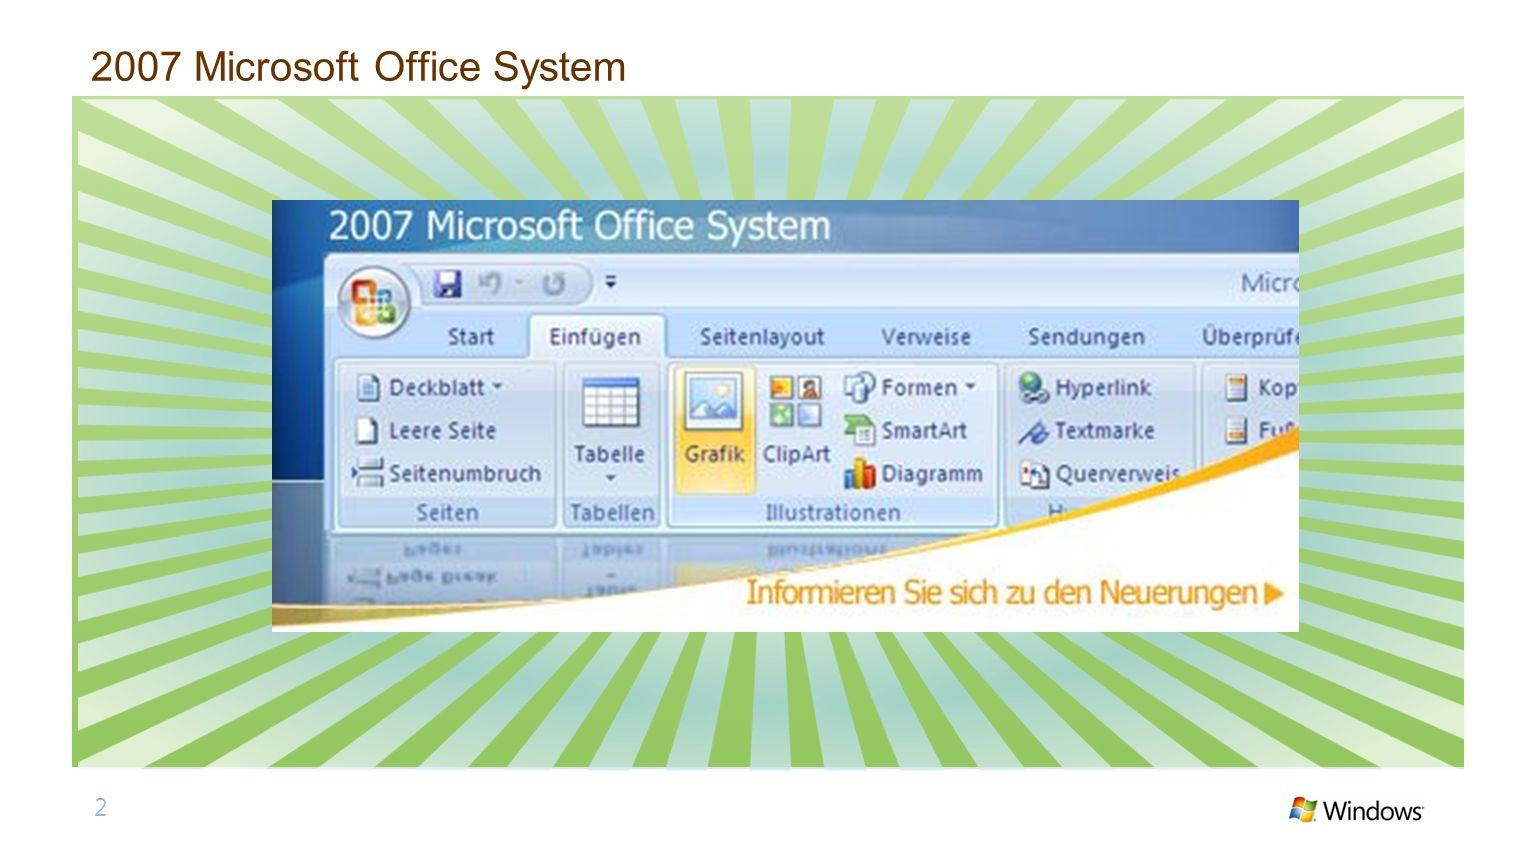 Diagramme in Excel 2007 1.Tabelle fertig? 2.Diagramm einfügen! 13